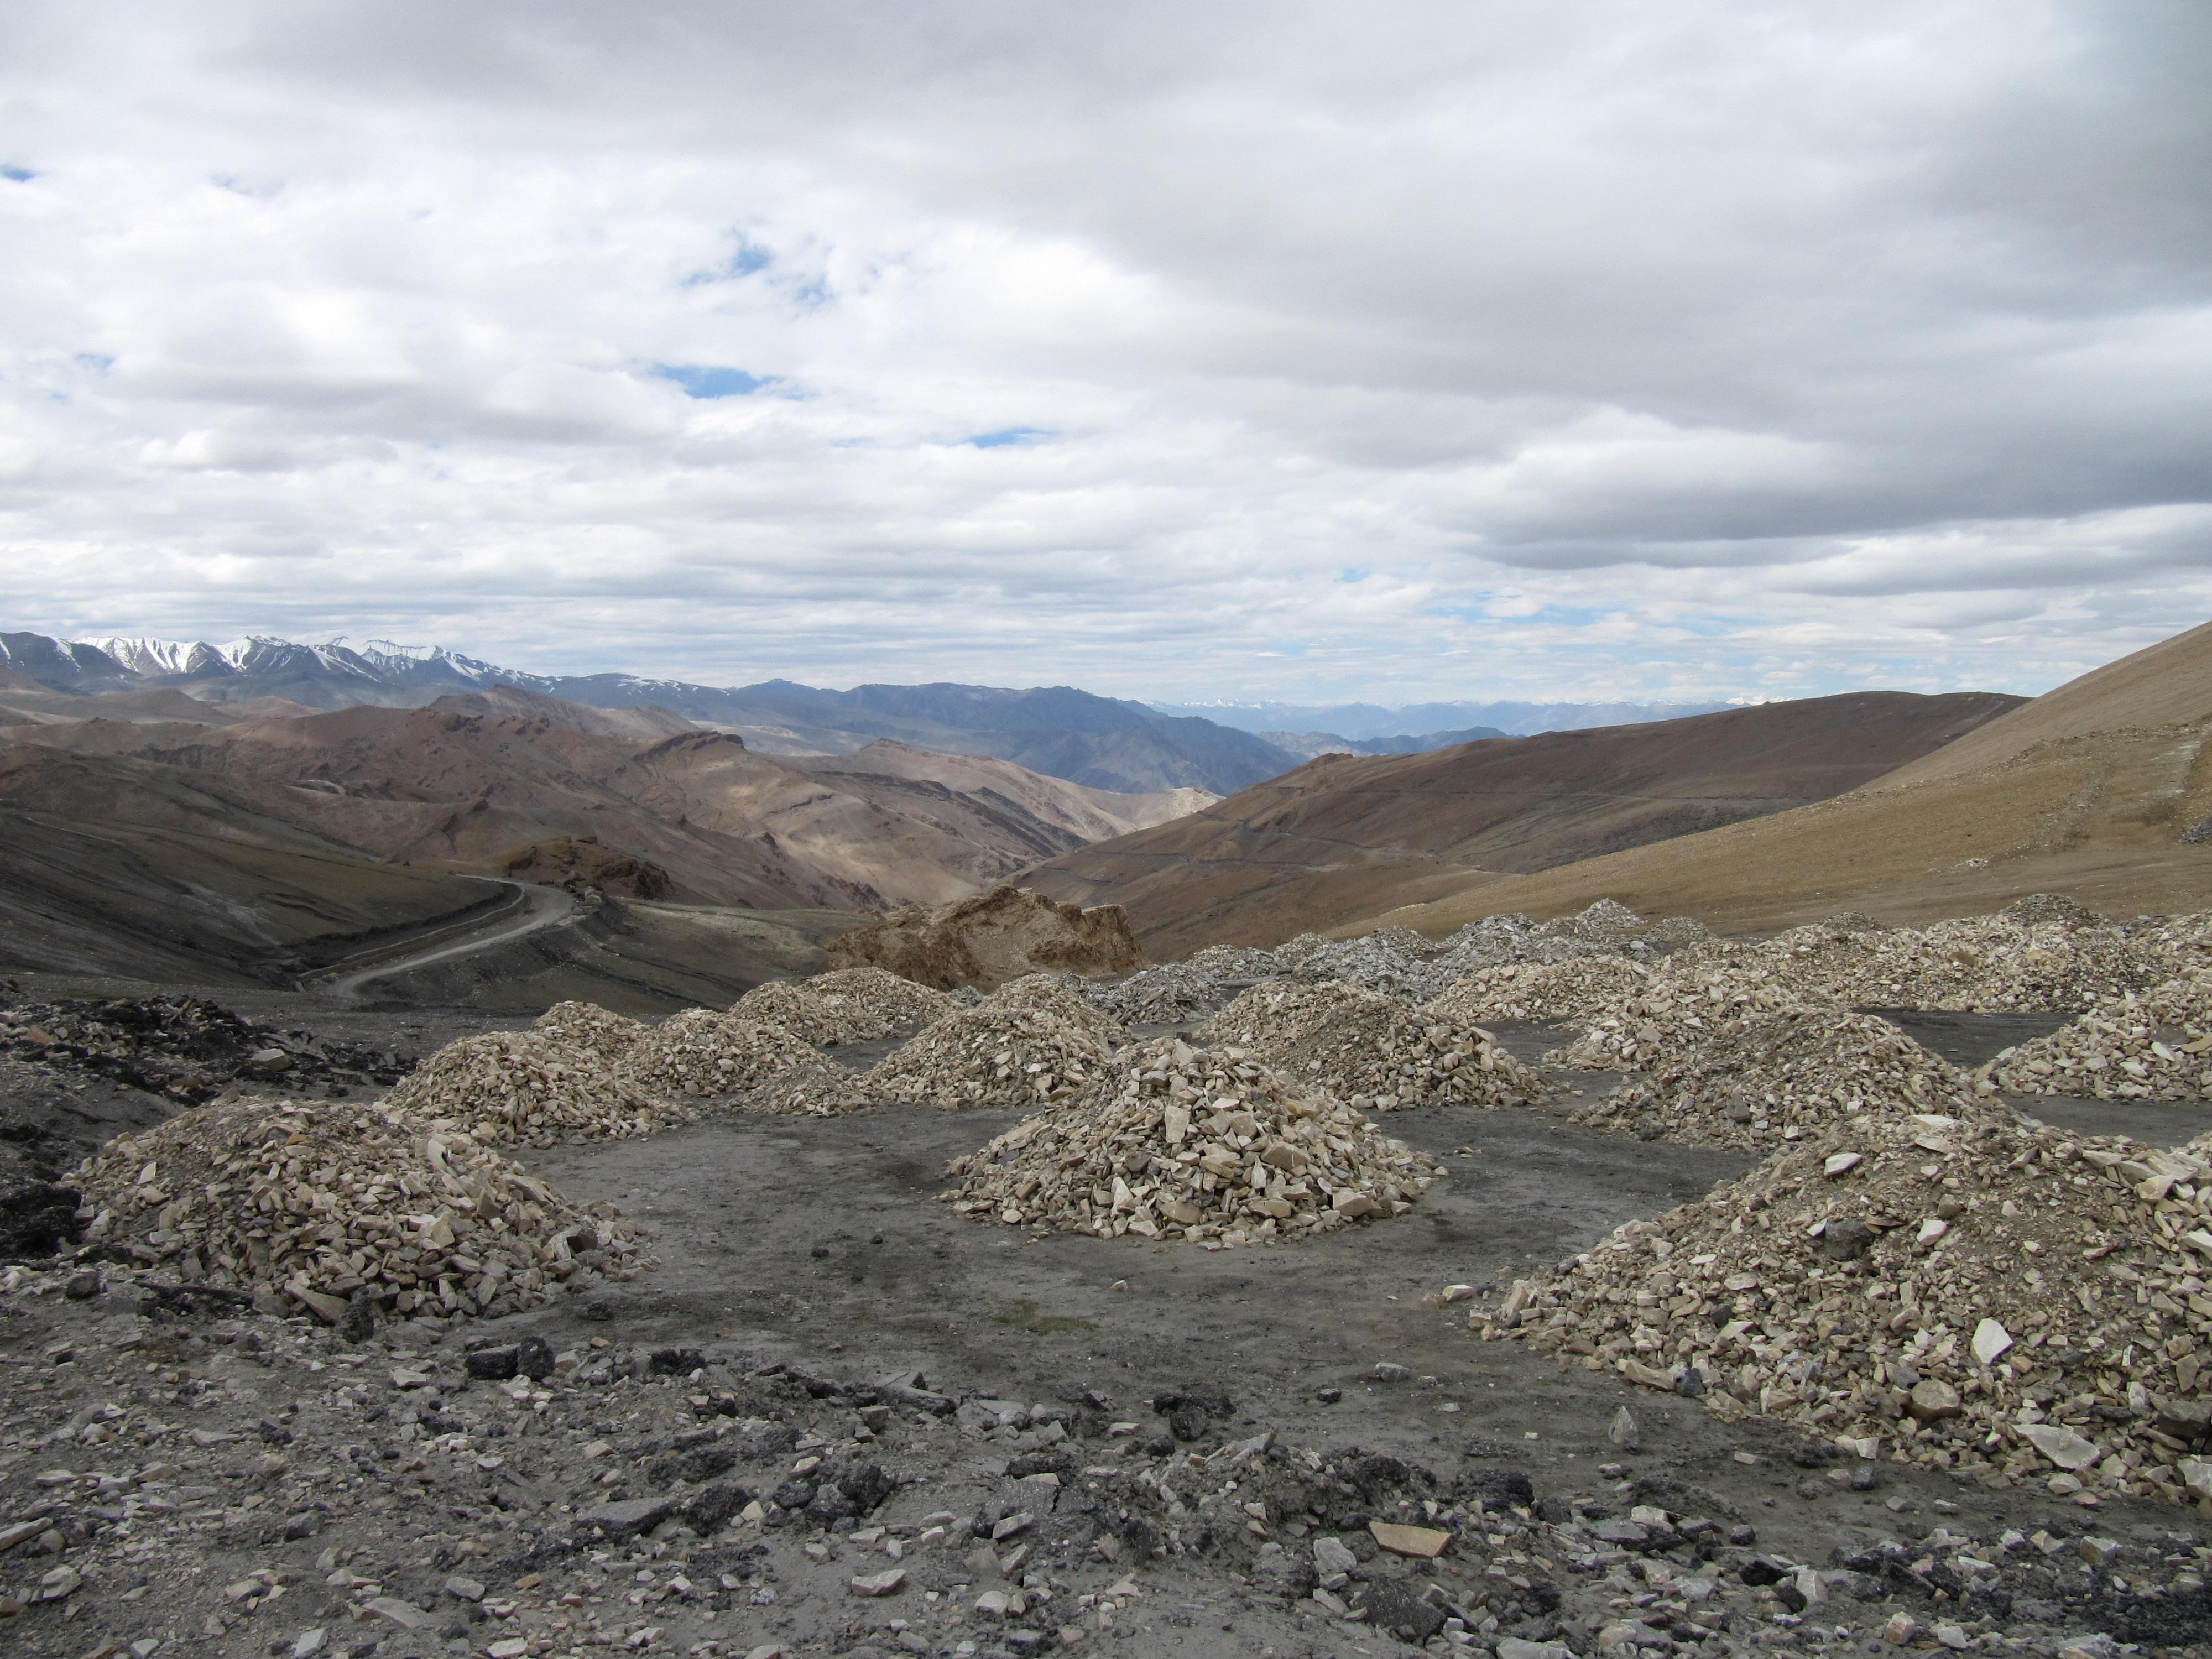 Paysage vers Leh, Inde, 4 juillet 2013